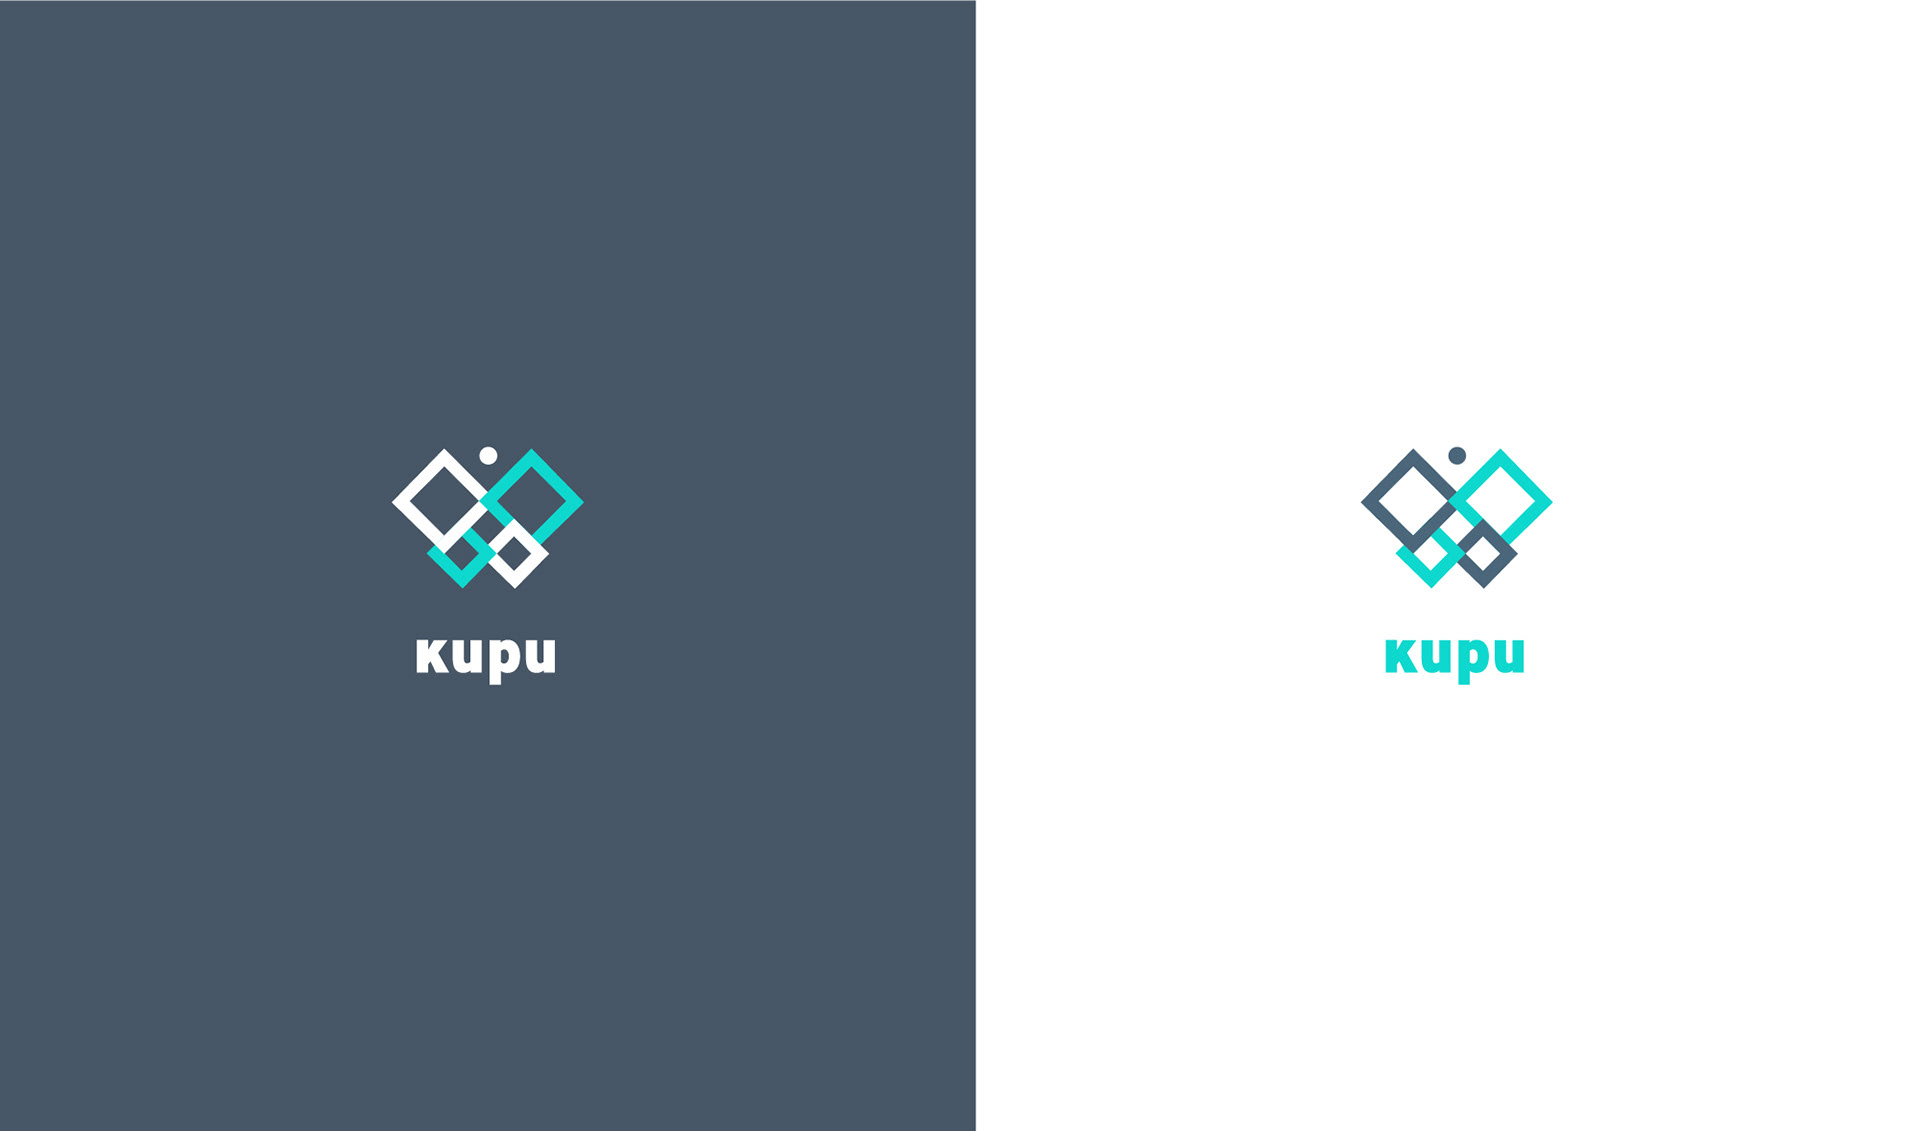 Kupu project 2